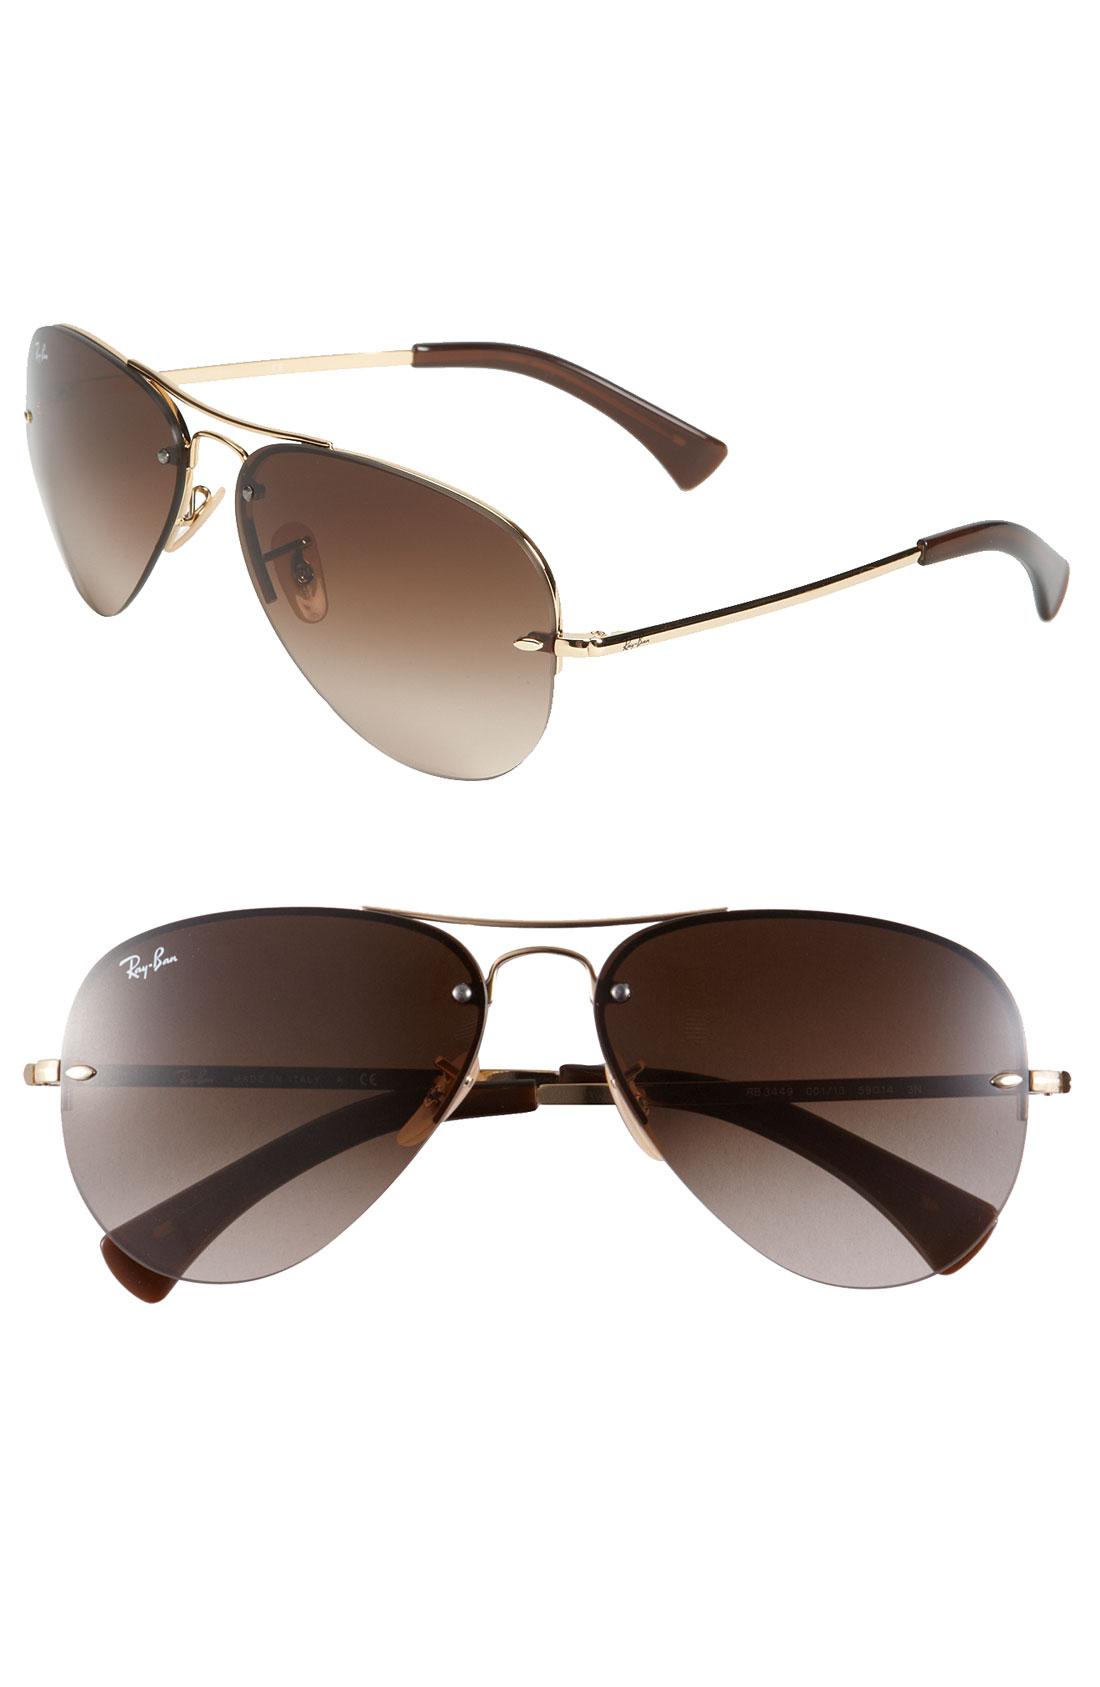 10a28bca35 ... release date rimless aviator sunglasses coach 86e2e caec4